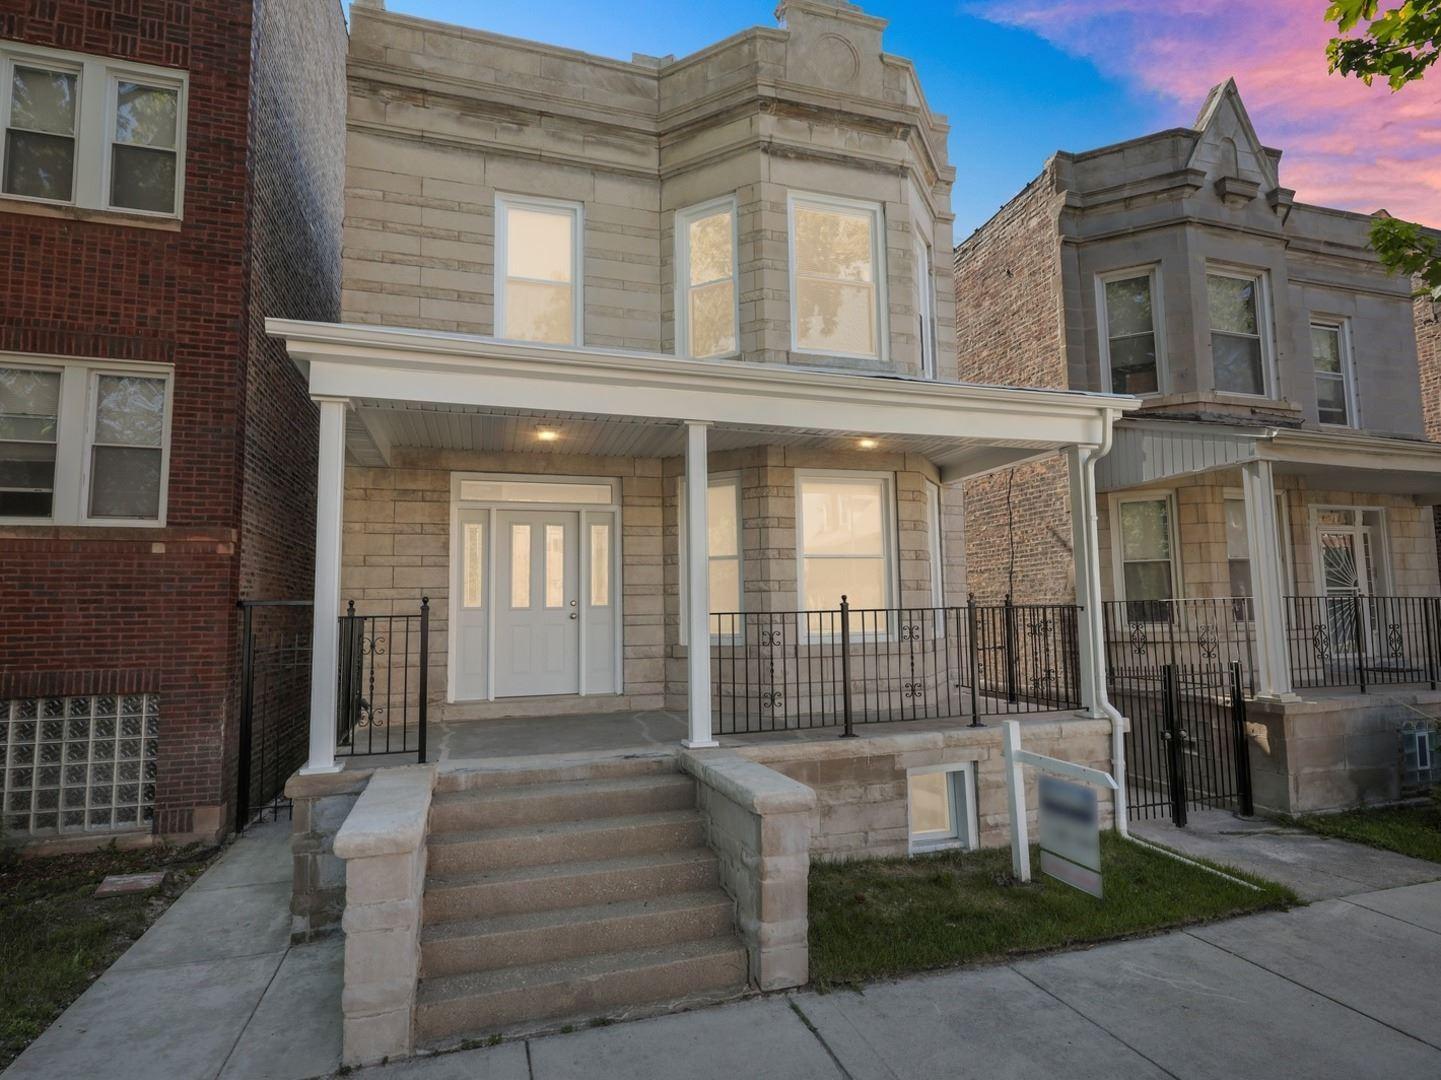 6652 S Woodlawn Avenue, Chicago, IL 60637 - #: 10700504